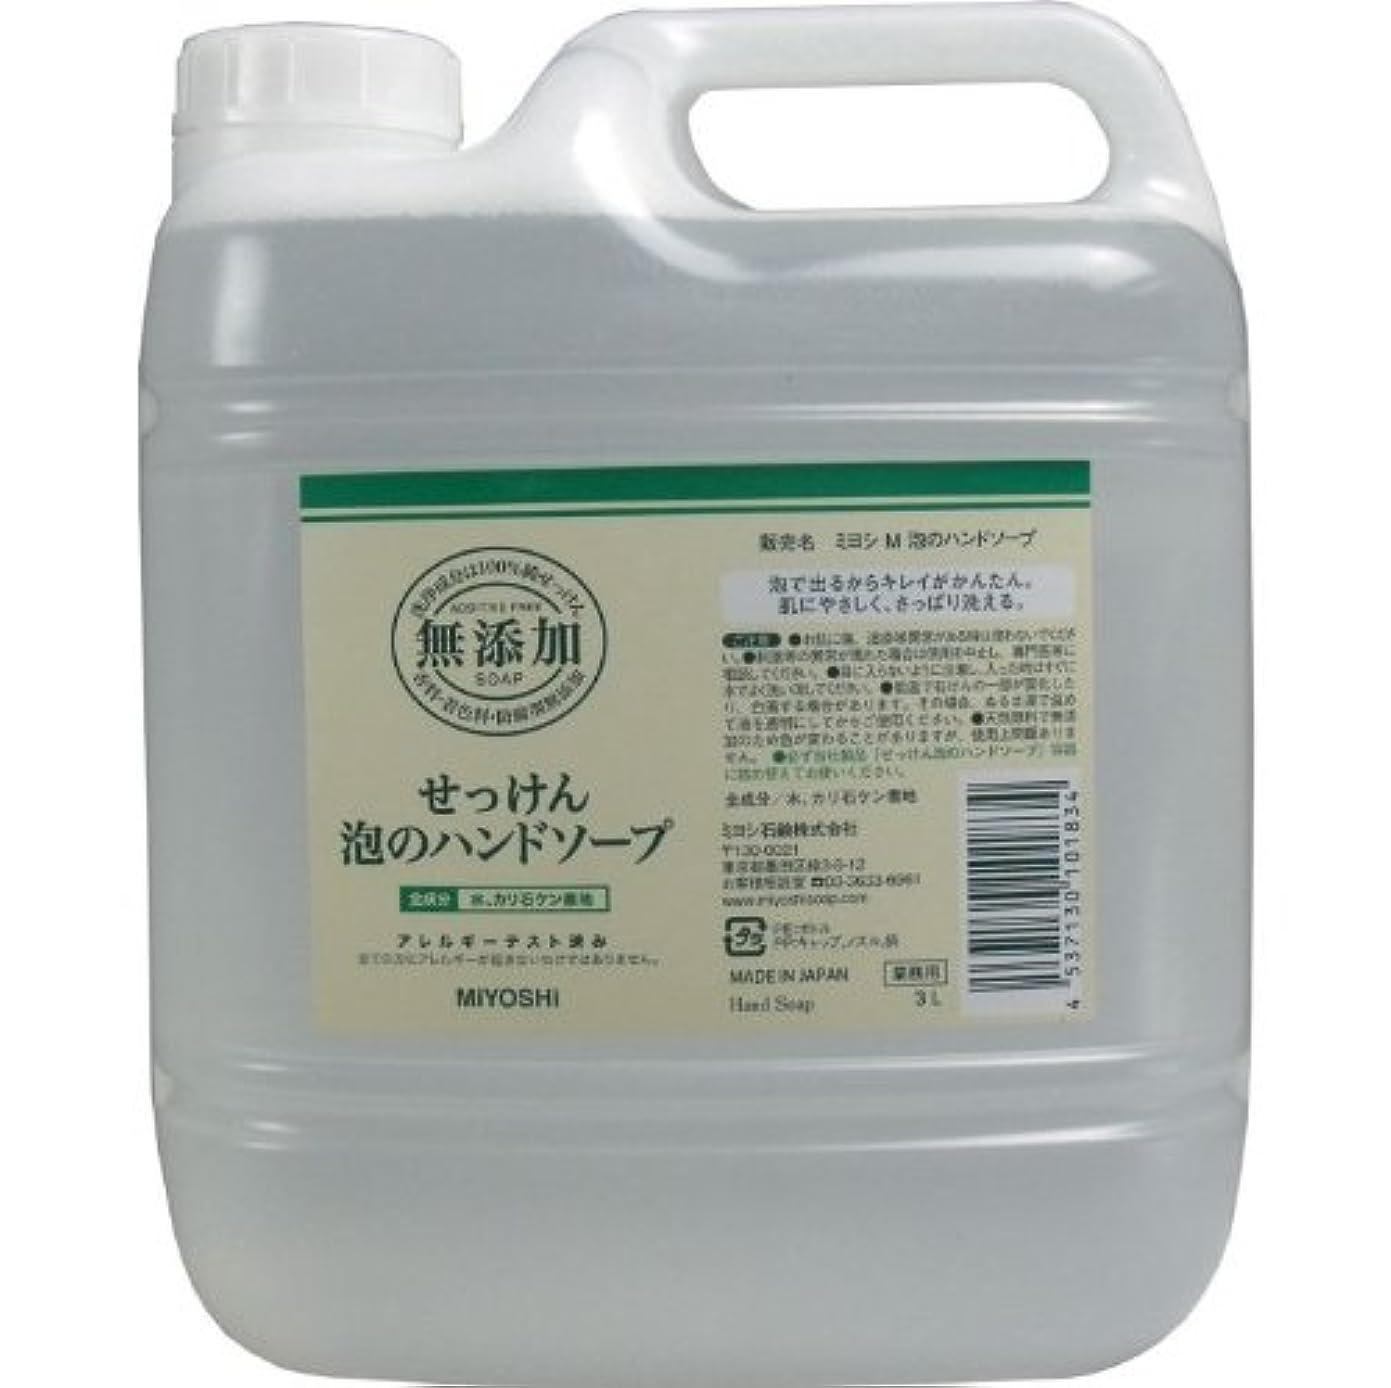 バンカー慣らすウミウシ泡で出るからキレイが簡単!家事の間のサッと洗いも簡単!香料、着色料、防腐剤無添加!(業務用)3L